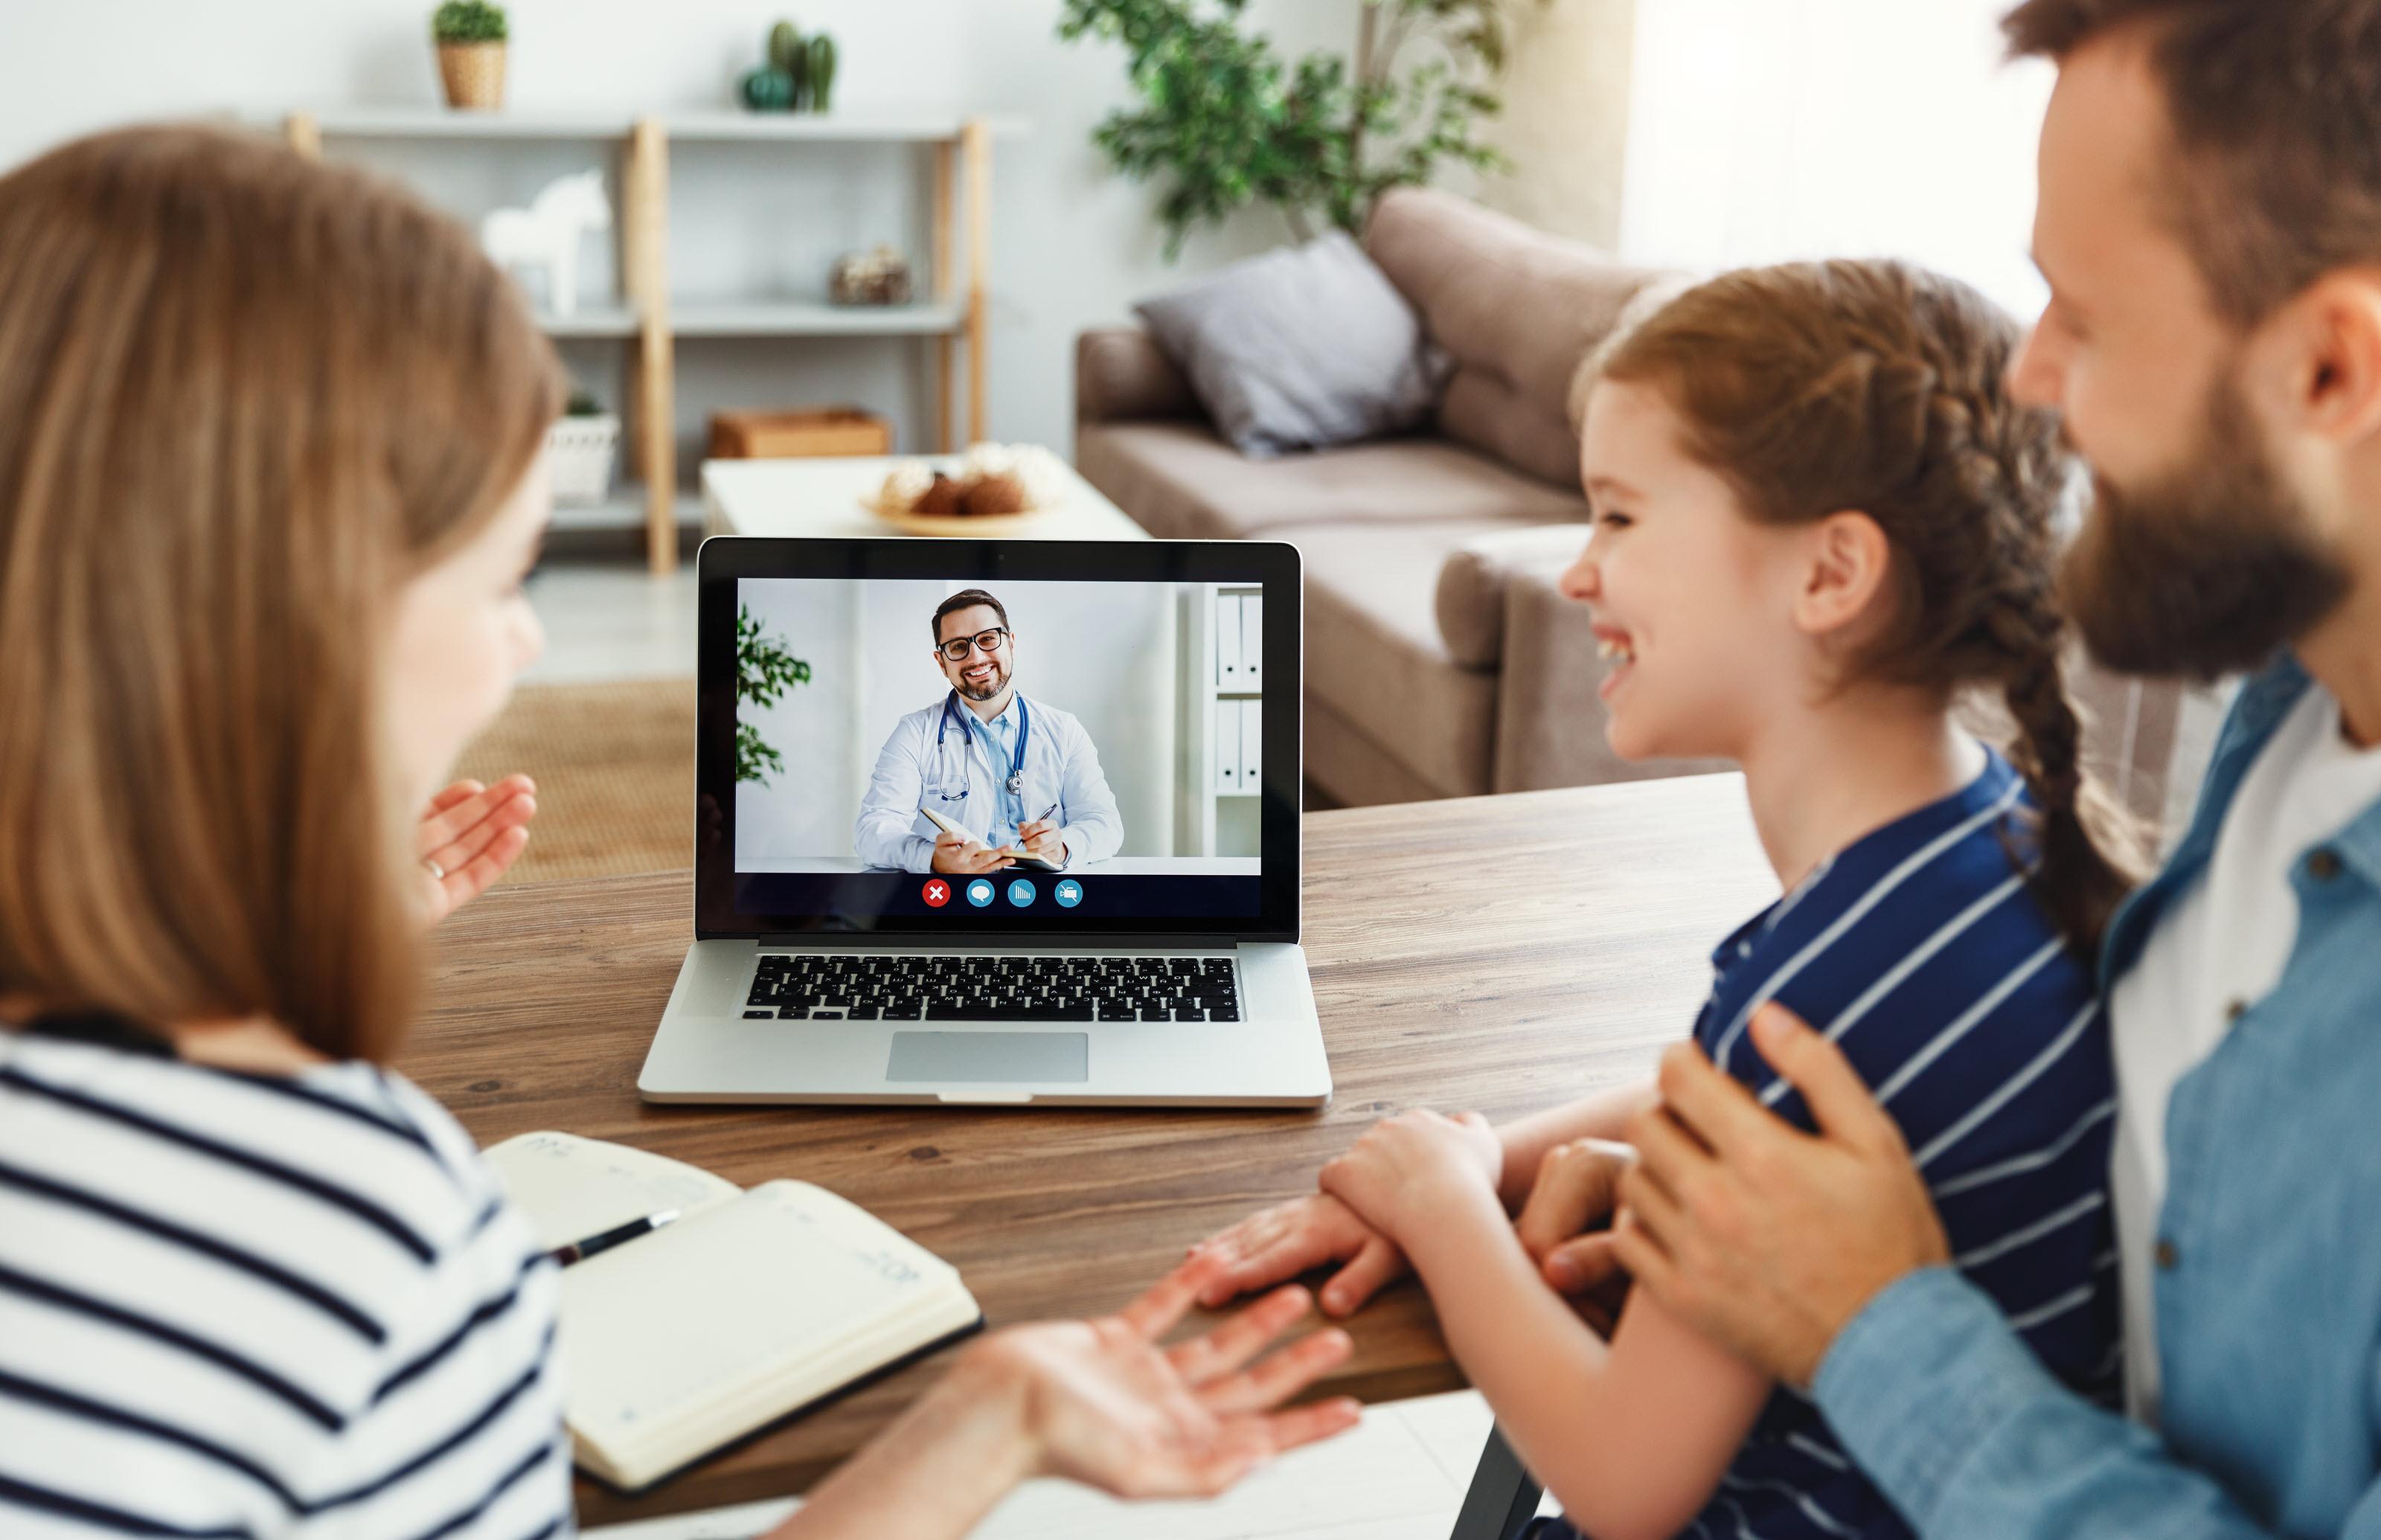 5 motivos para investir no Atendimento humanizado em teleconsulta